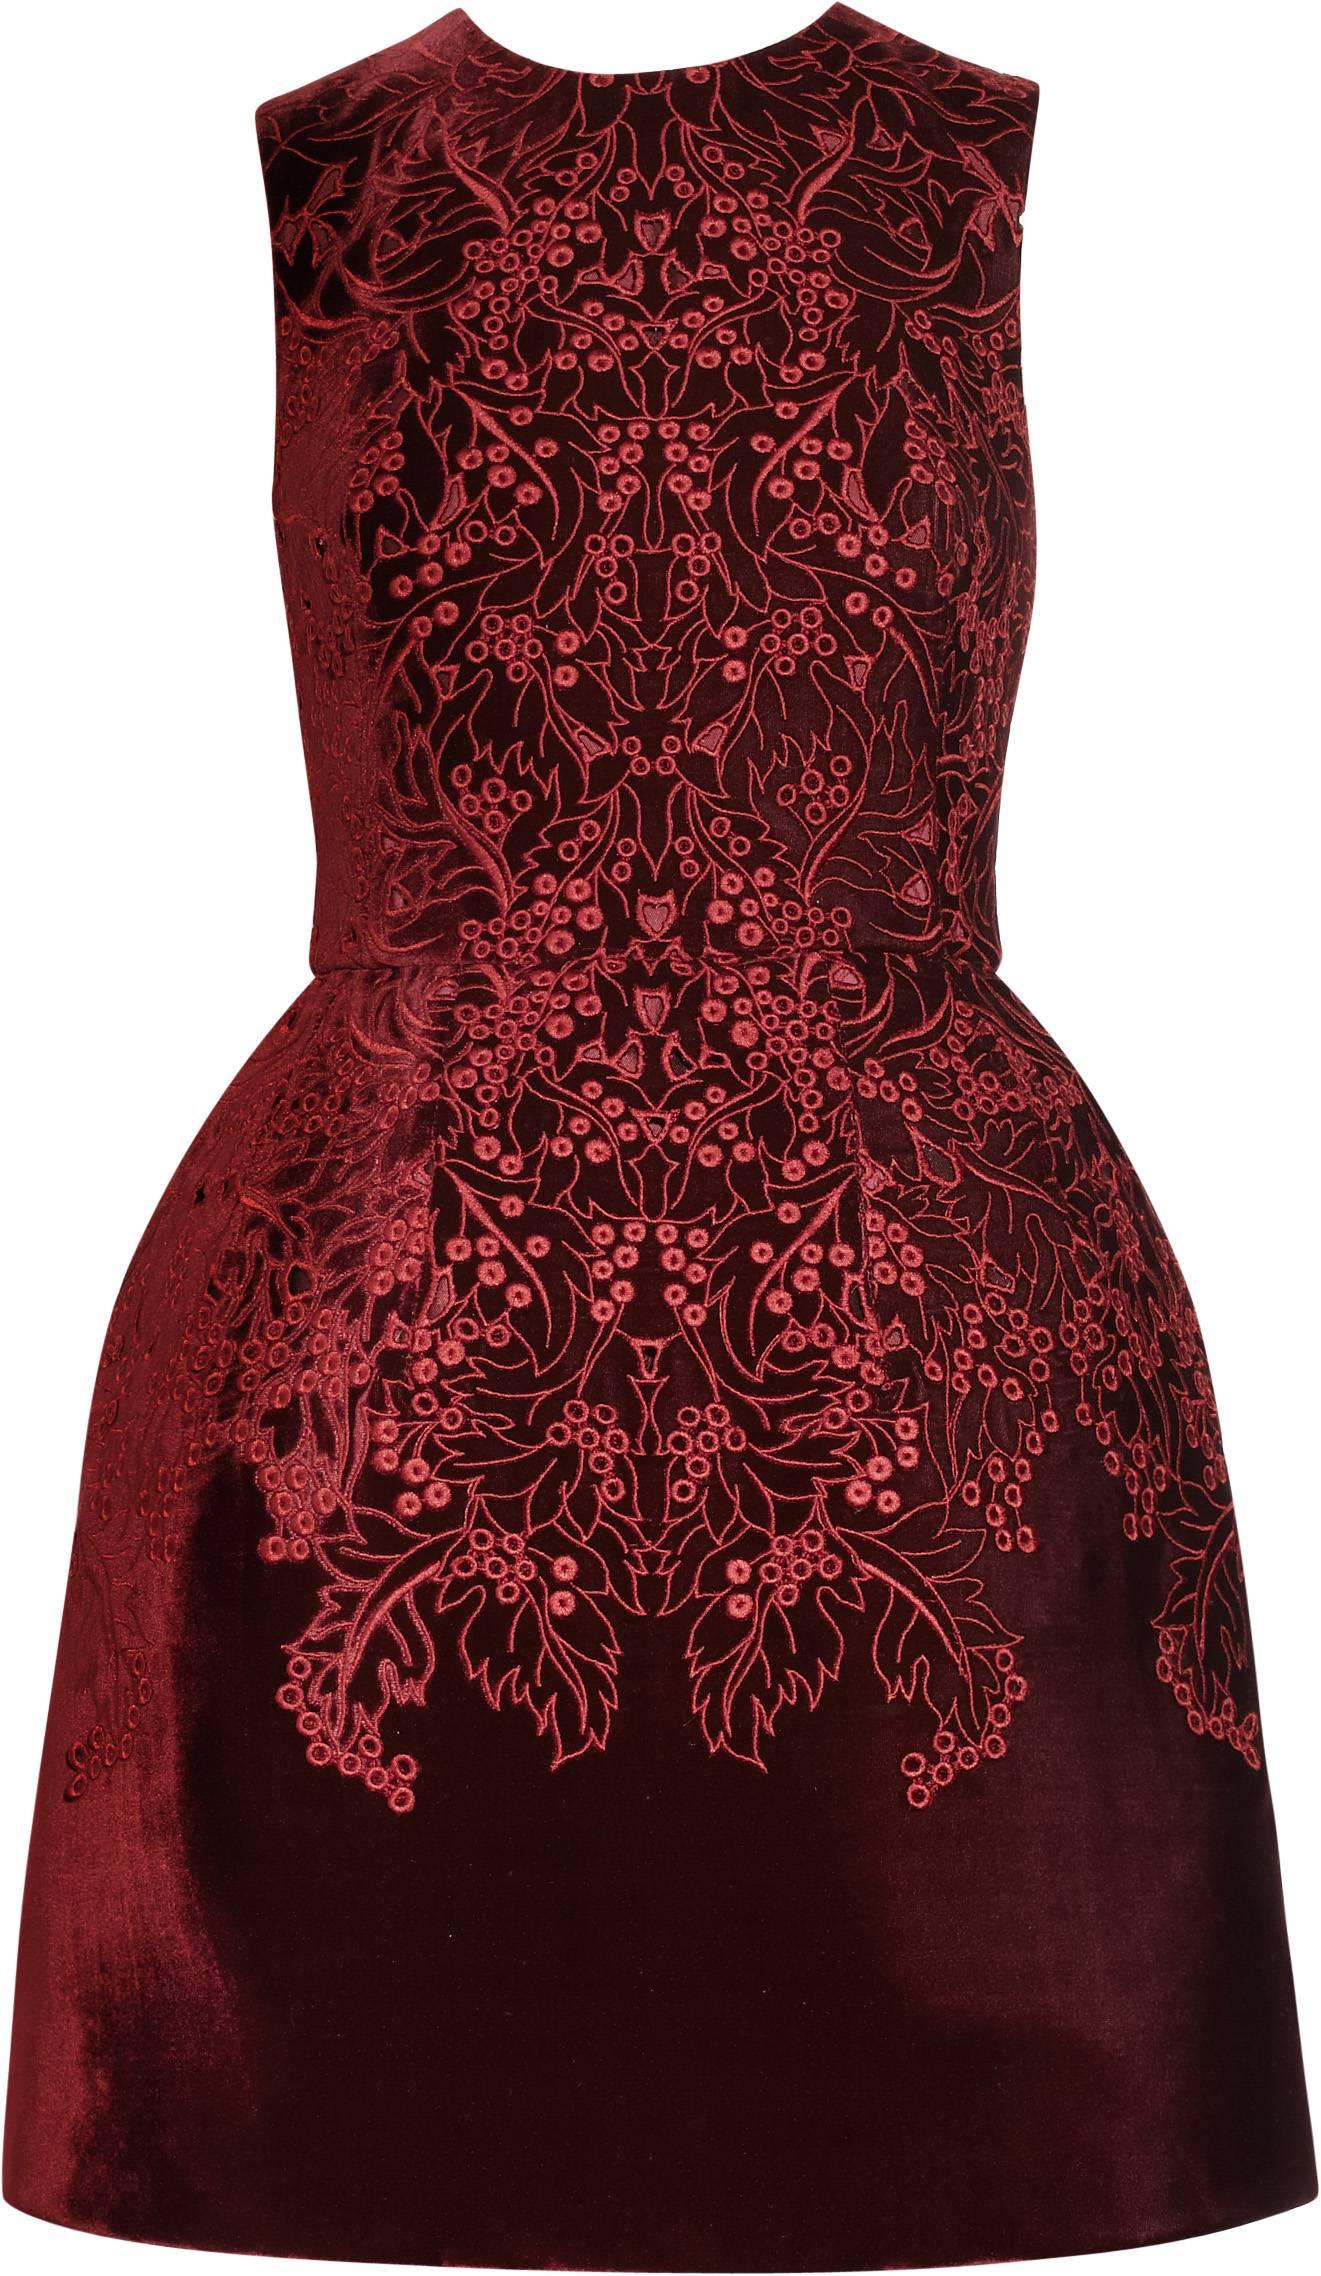 322570_McQ Alexander McQueen Red Velvet Dress - NET-A-PORTER